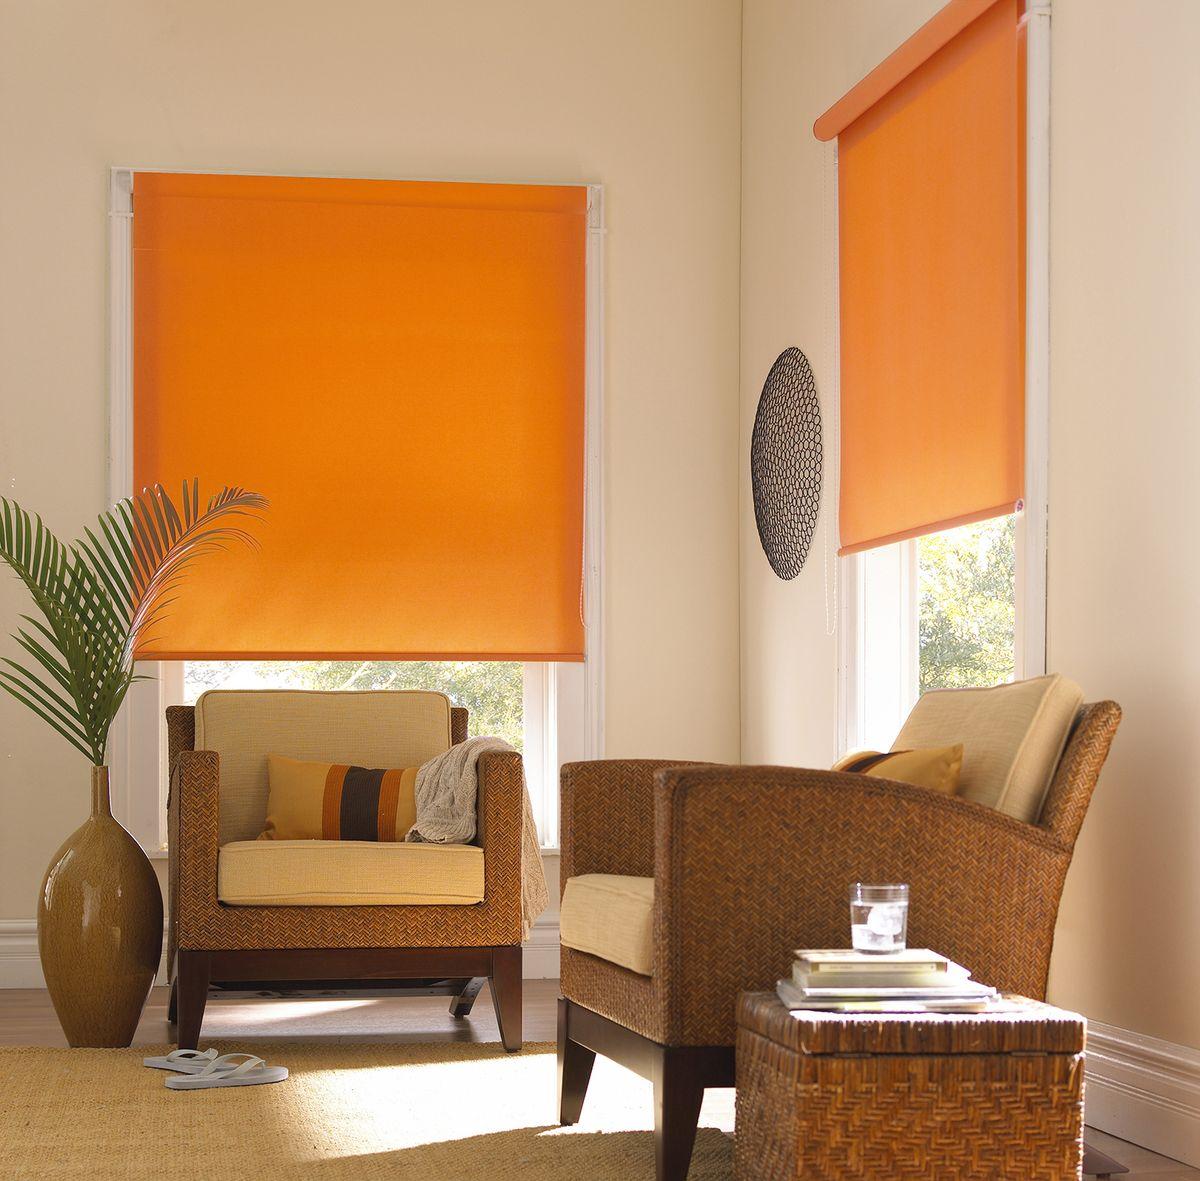 Штора рулонная Эскар Миниролло, цвет: апельсин, ширина 73 см, высота 170 см31203073170Рулонная штора Эскар Миниролло выполнена из высокопрочной ткани, которая сохраняет свой размер даже при намокании. Ткань не выцветает и обладает отличной цветоустойчивостью.Миниролло - это подвид рулонных штор, который закрывает не весь оконный проем, а непосредственно само стекло. Такие шторы крепятся на раму без сверления при помощи зажимов или клейкой двухсторонней ленты (в комплекте). Окно остается на гарантии, благодаря монтажу без сверления. Такая штора станет прекрасным элементом декора окна и гармонично впишется в интерьер любого помещения.